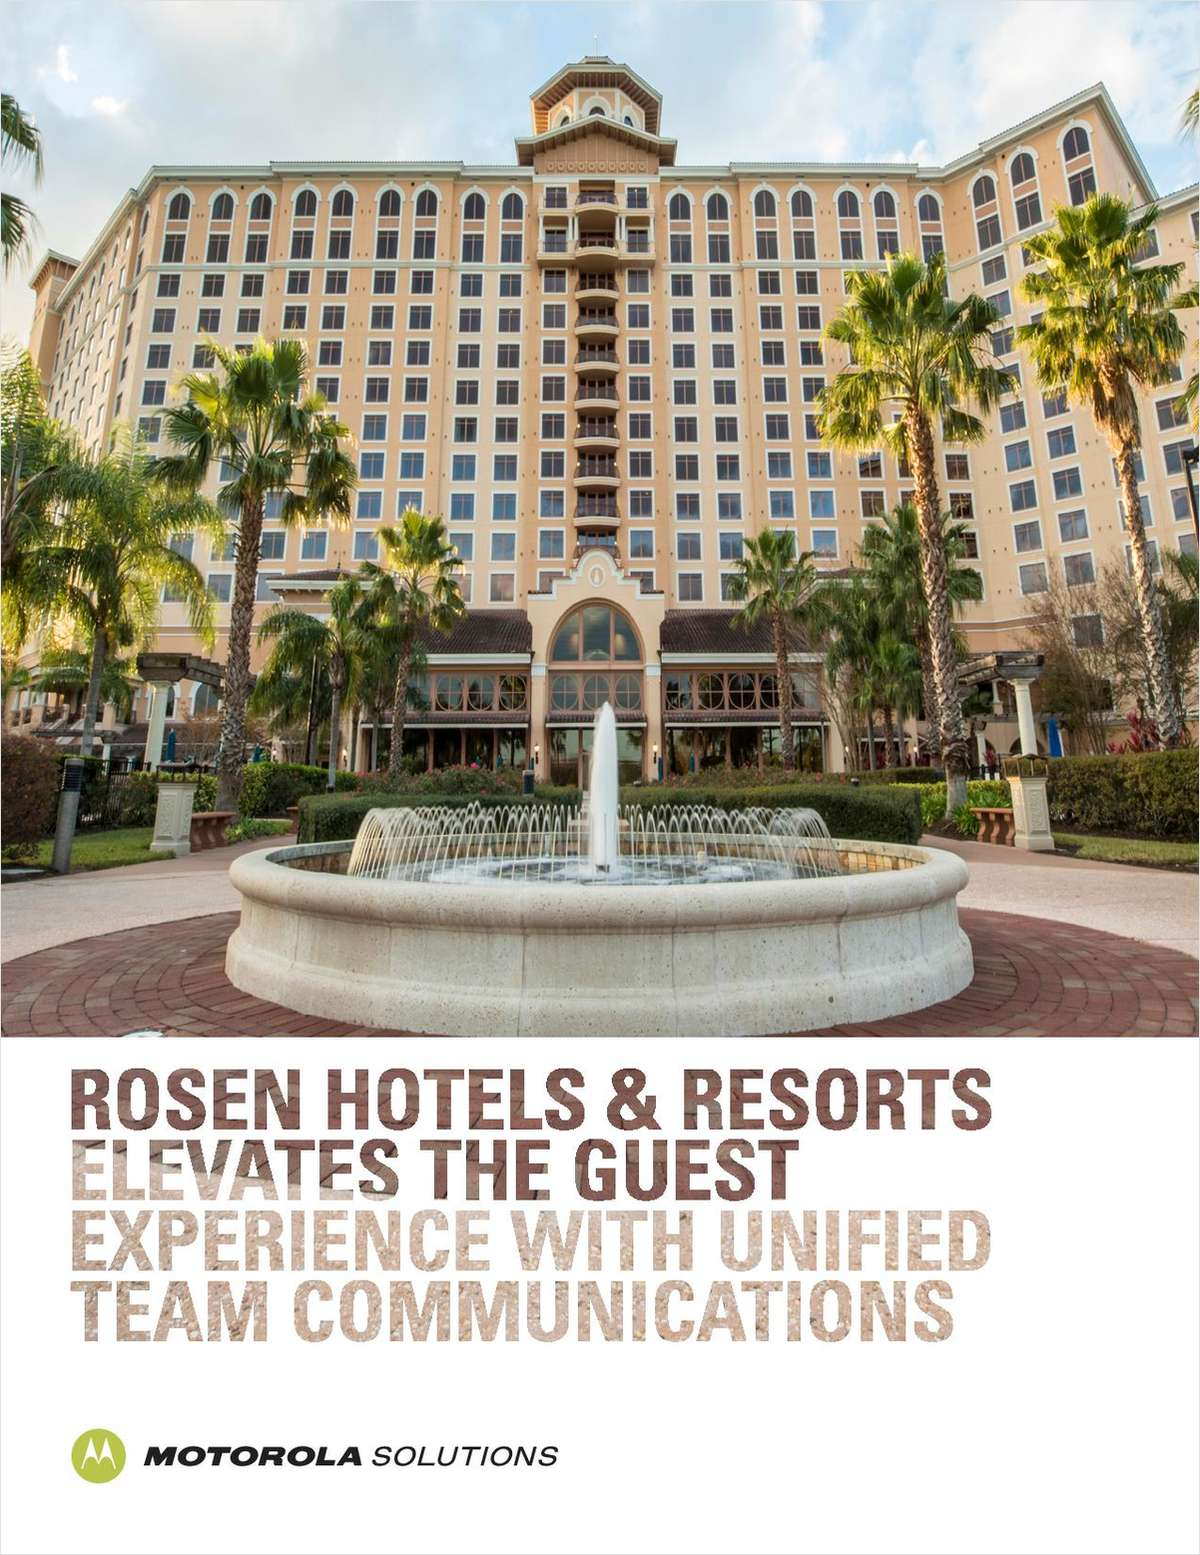 Rosen Hotels & Resorts Case Study